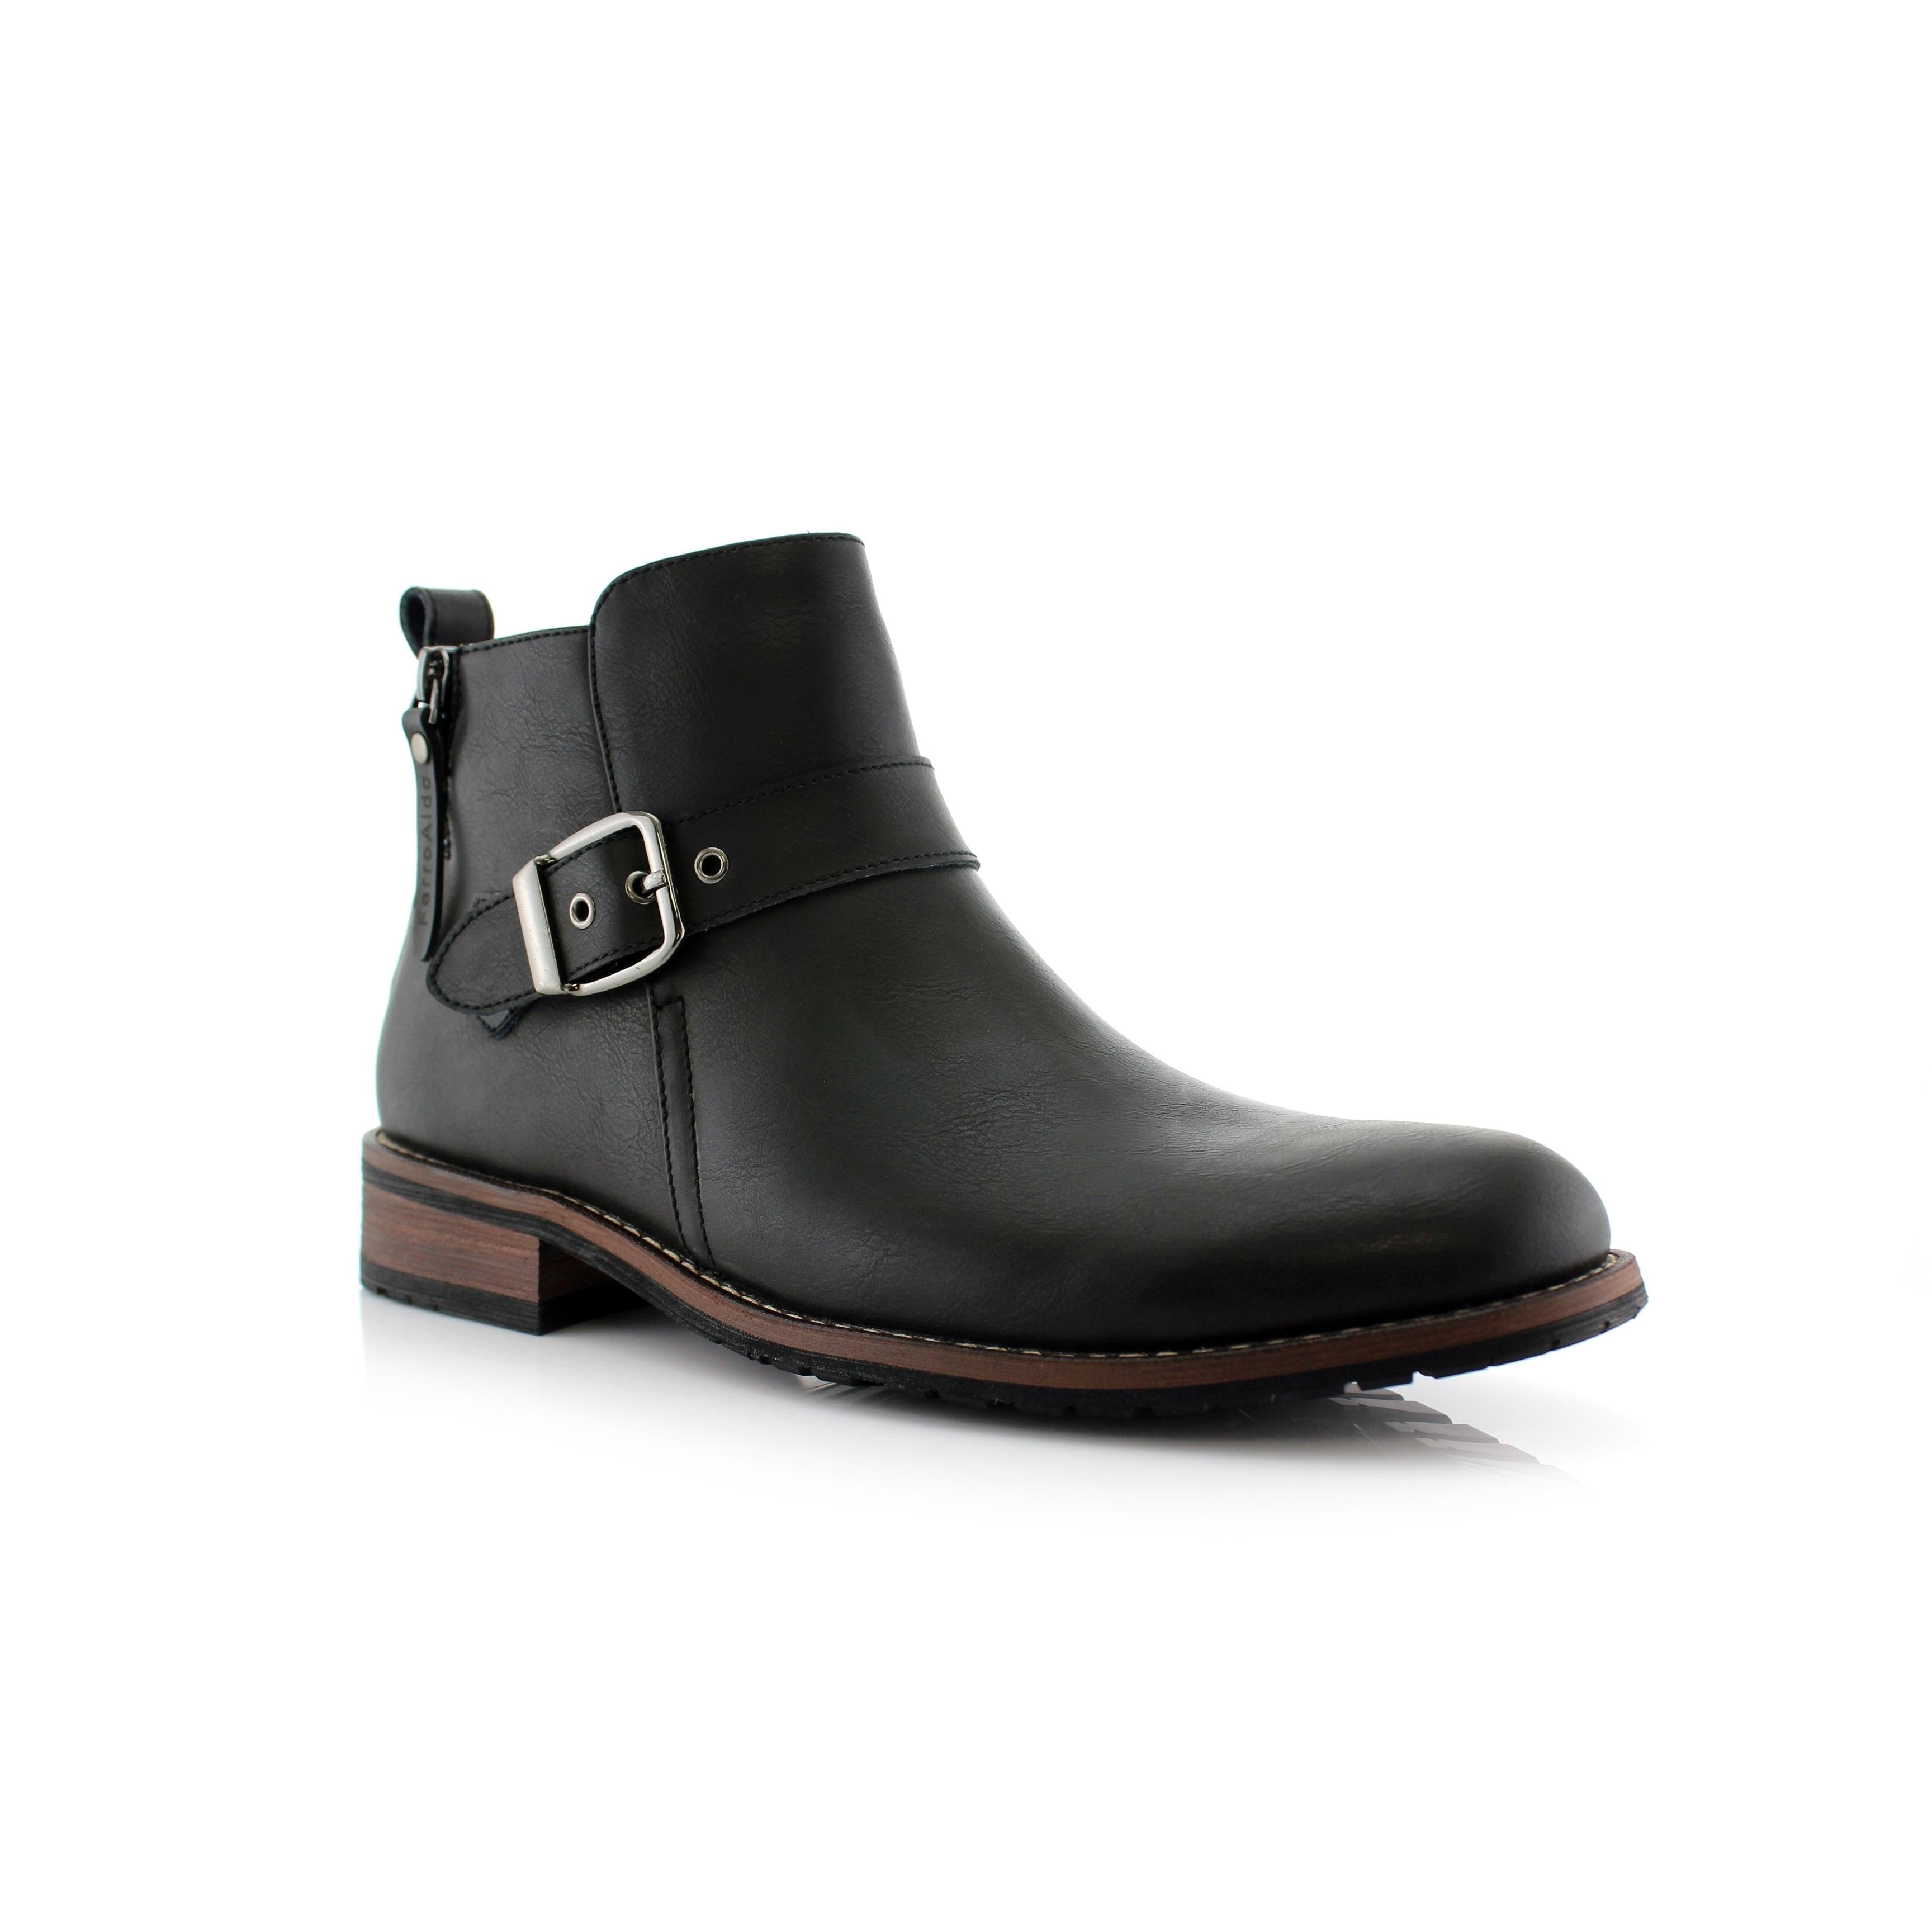 82fb0003e2e Buy Size 13 Men's Boots Online at Overstock | Our Best Men's Shoes Deals